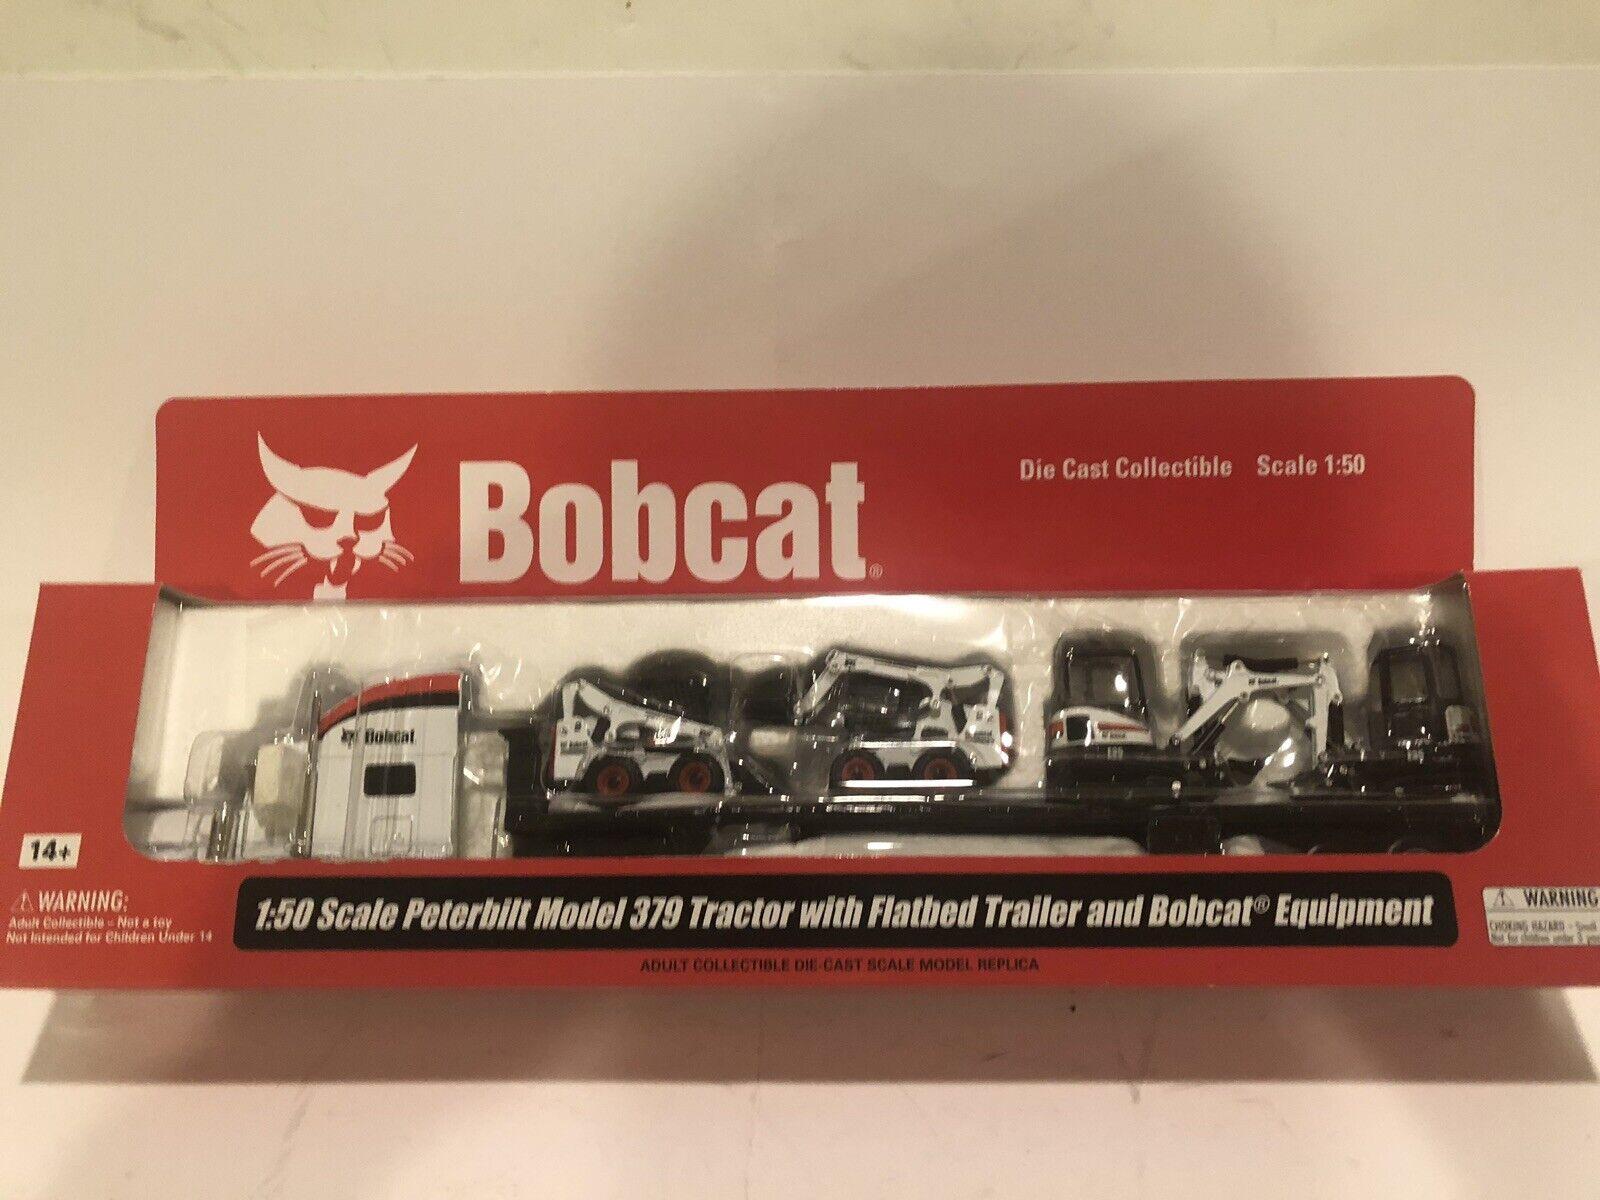 Bobcat PETERBILT SEMI avec 2 Skid Chargeuse & 2 Mini pelles modèle échelle 1 50